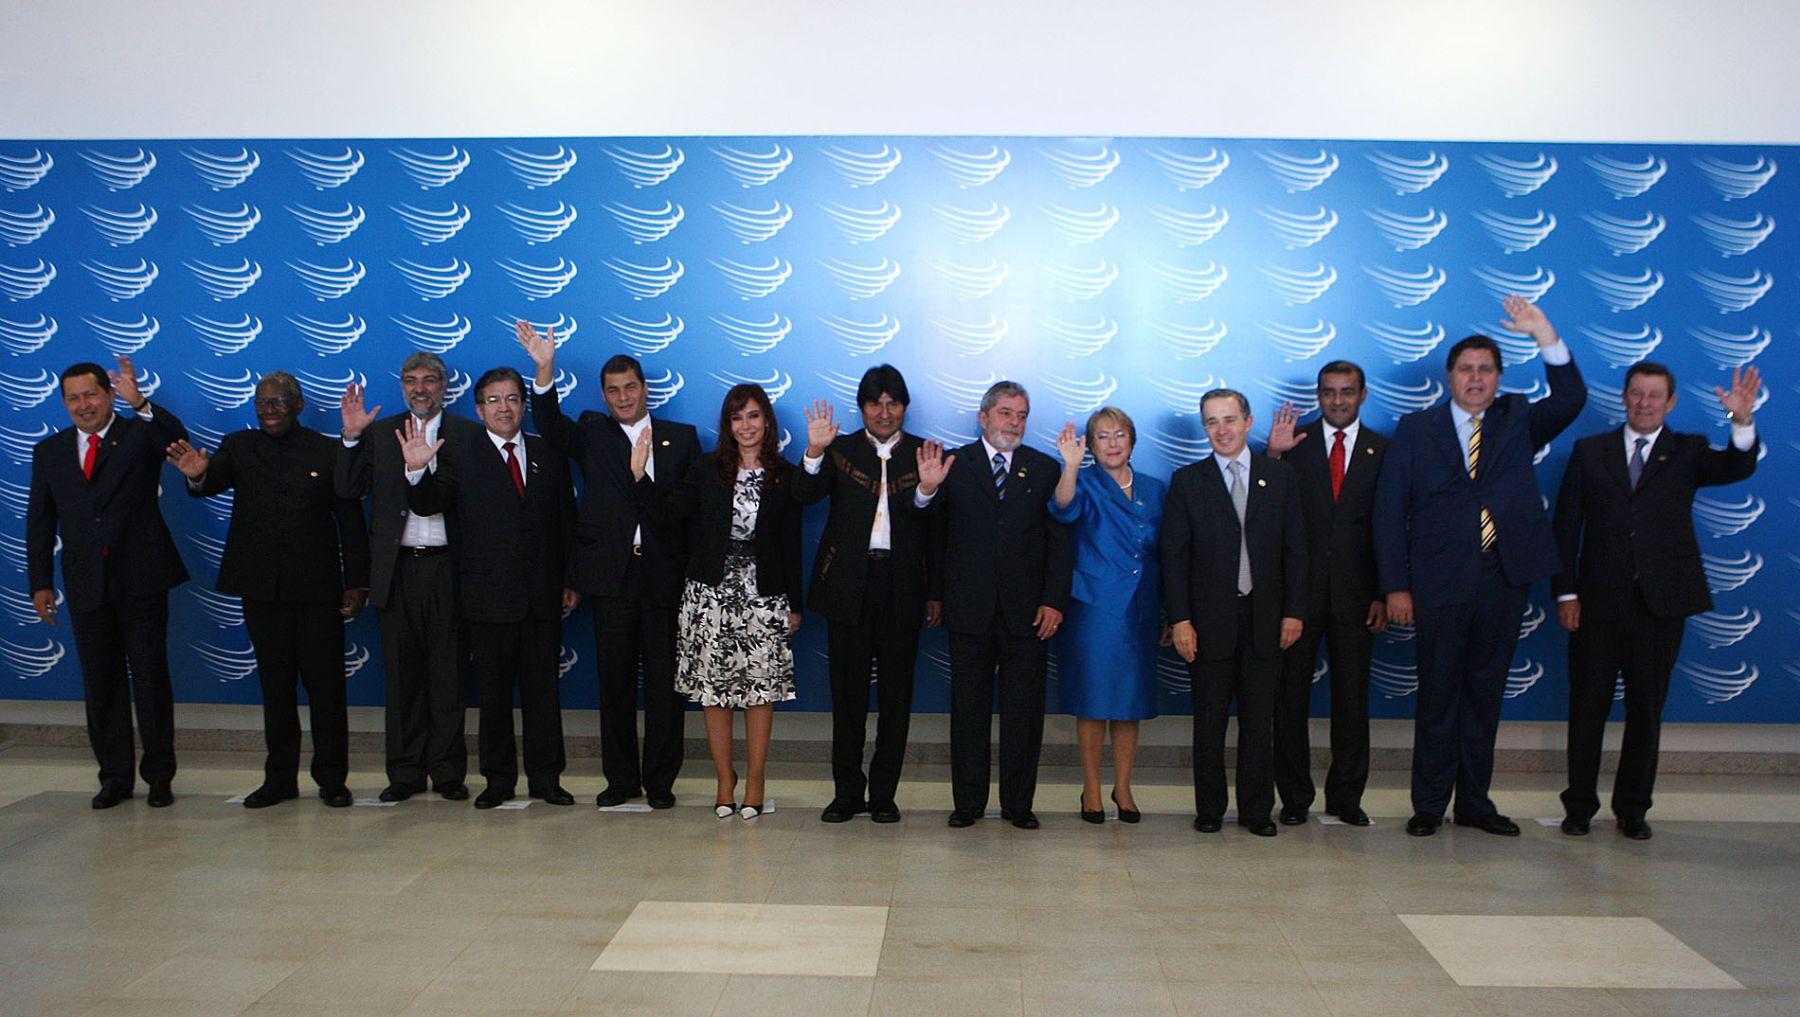 Foto oficial de los presidentes asistentes a la Cumbre de Unasur. Foto: ANDINA.